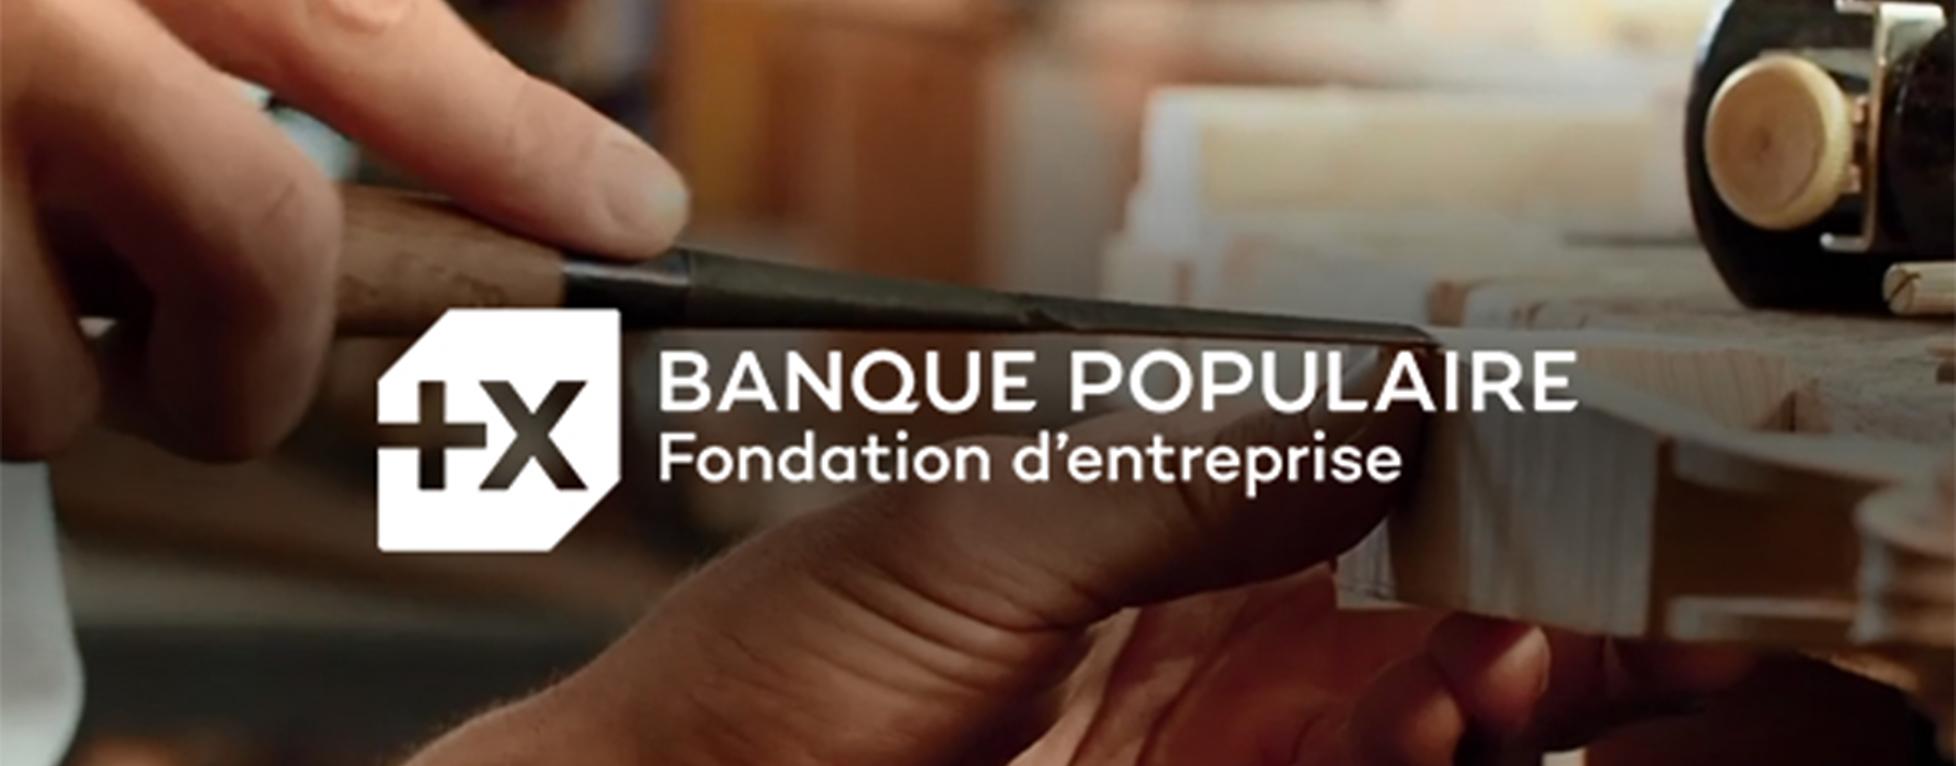 Les lauréats de la fondation Banque Populaire